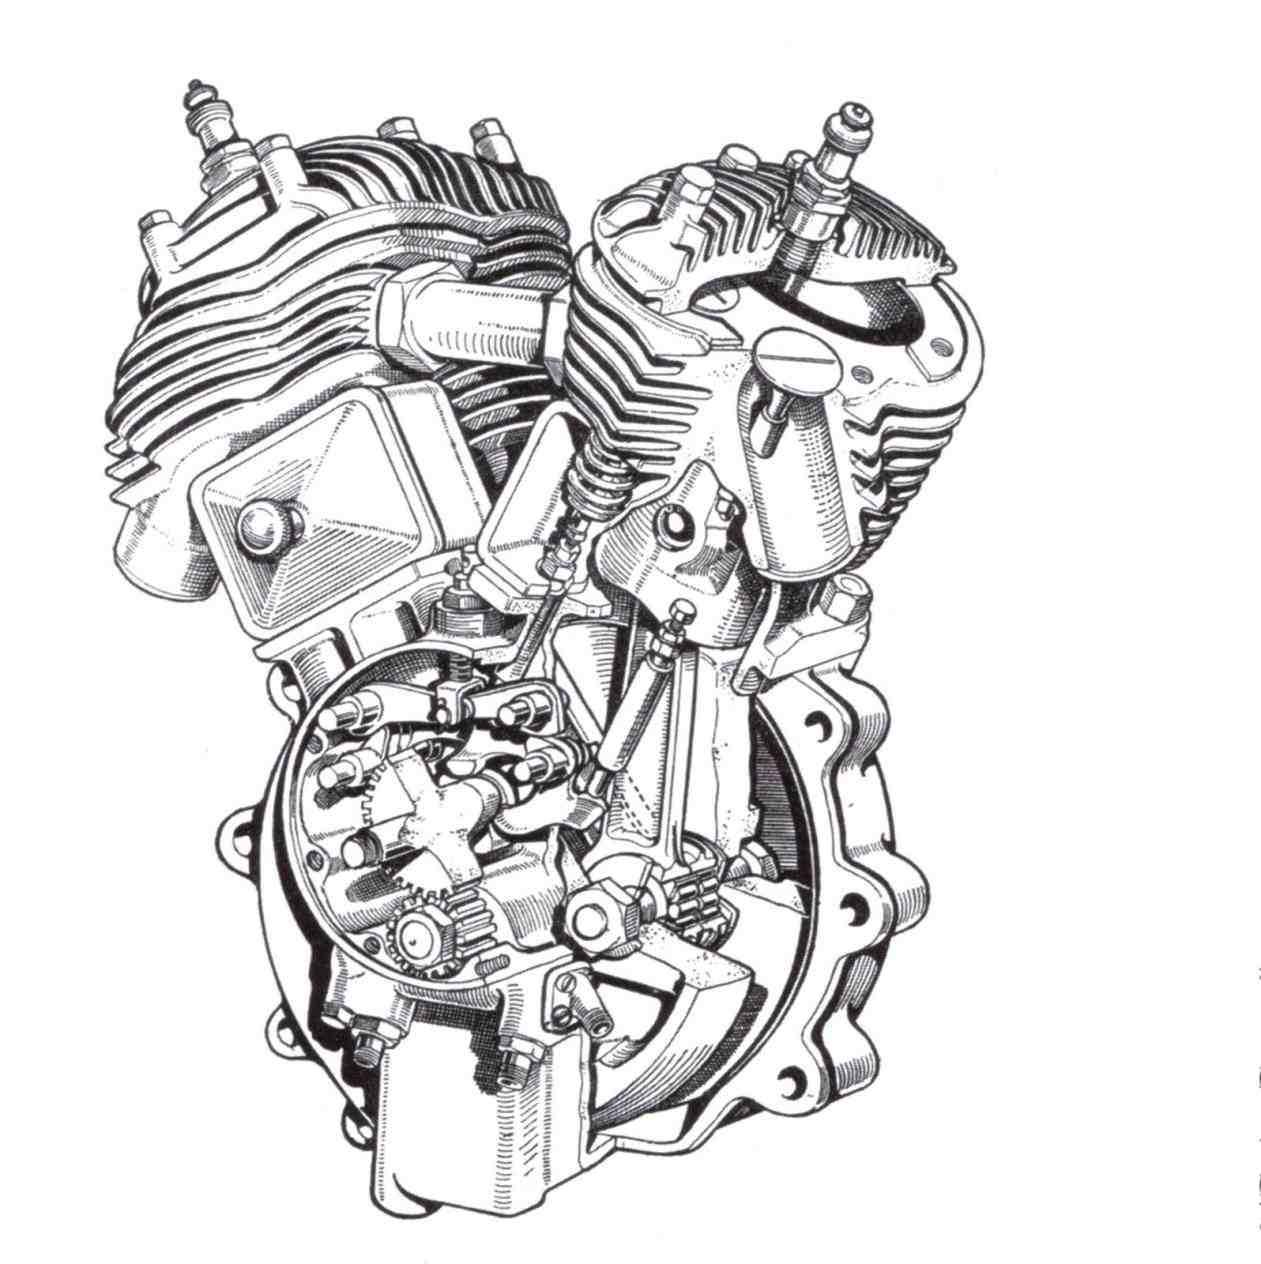 1261x1264 Biomechanical Gears Drawings